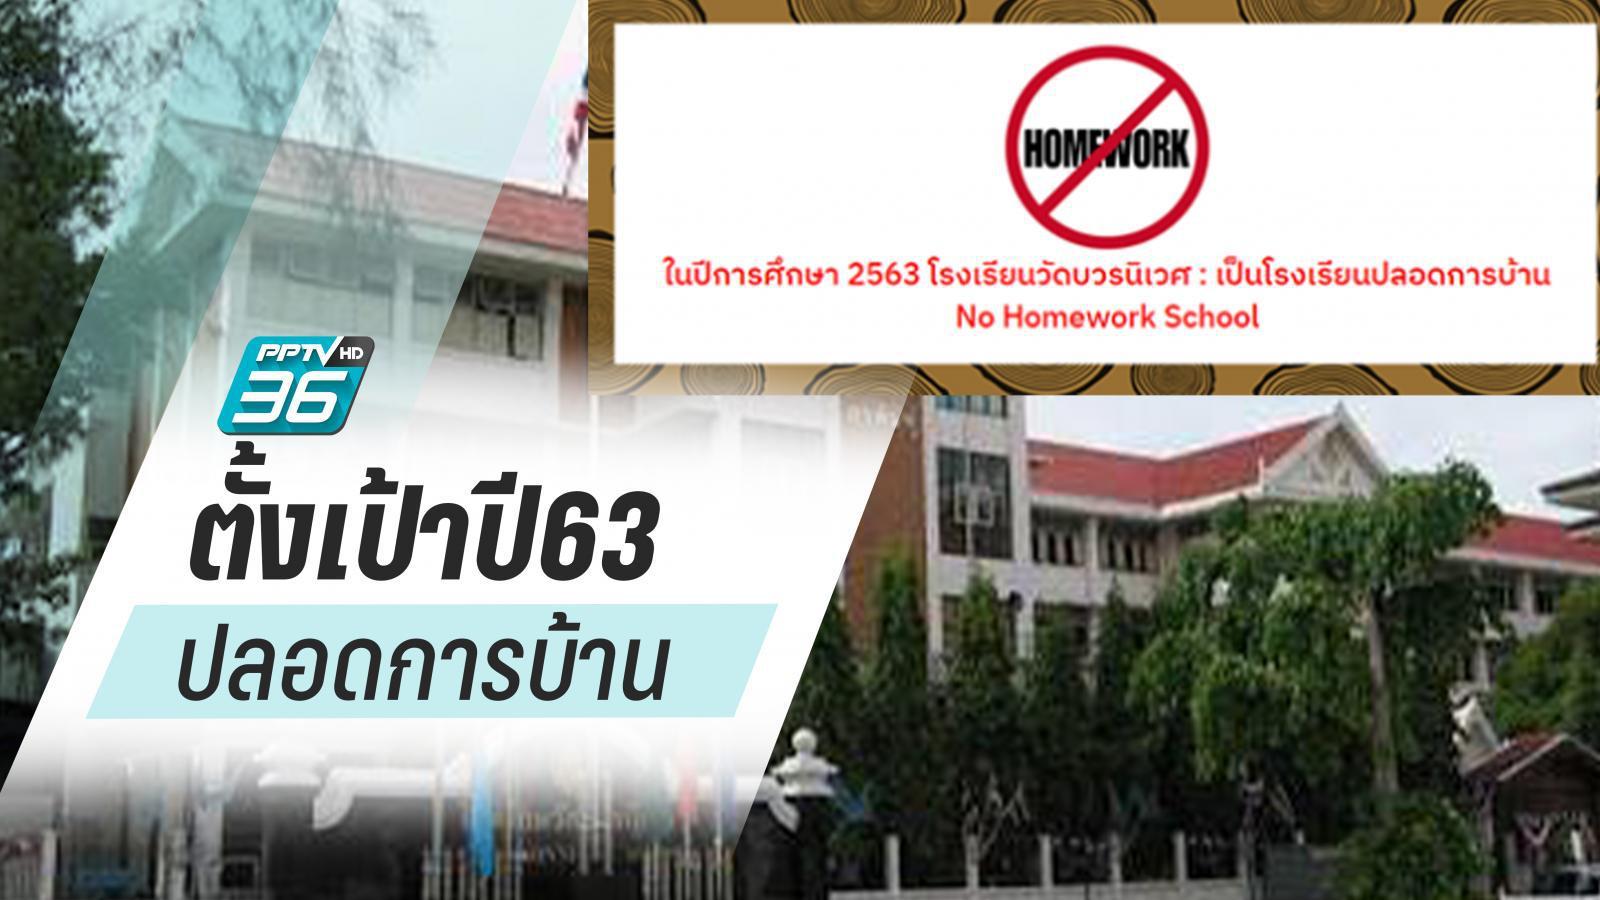 โรงเรียนในฝัน! รร.วัดบวรนิเวศ ตั้งเป้าปี63 เป็นโรงเรียนปลอดการบ้าน